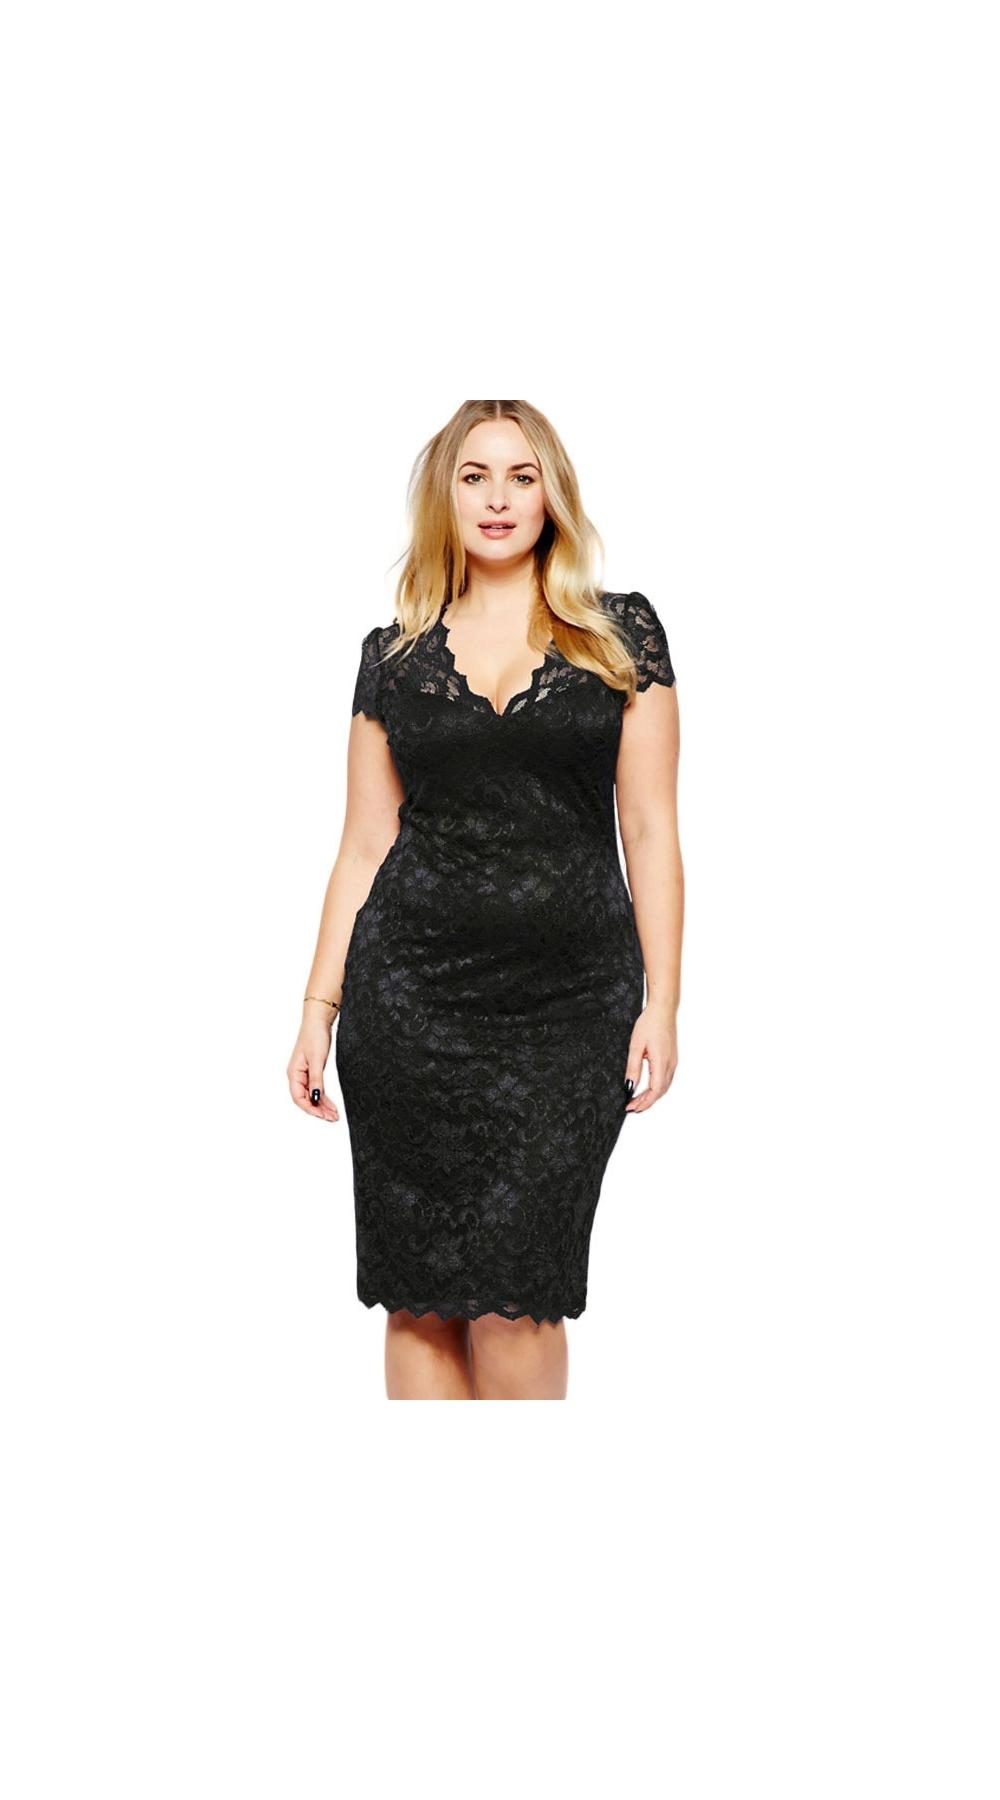 c0388c26e3 Czarna koronkowa sukienka plus size - Sklep internetowy StyliJa